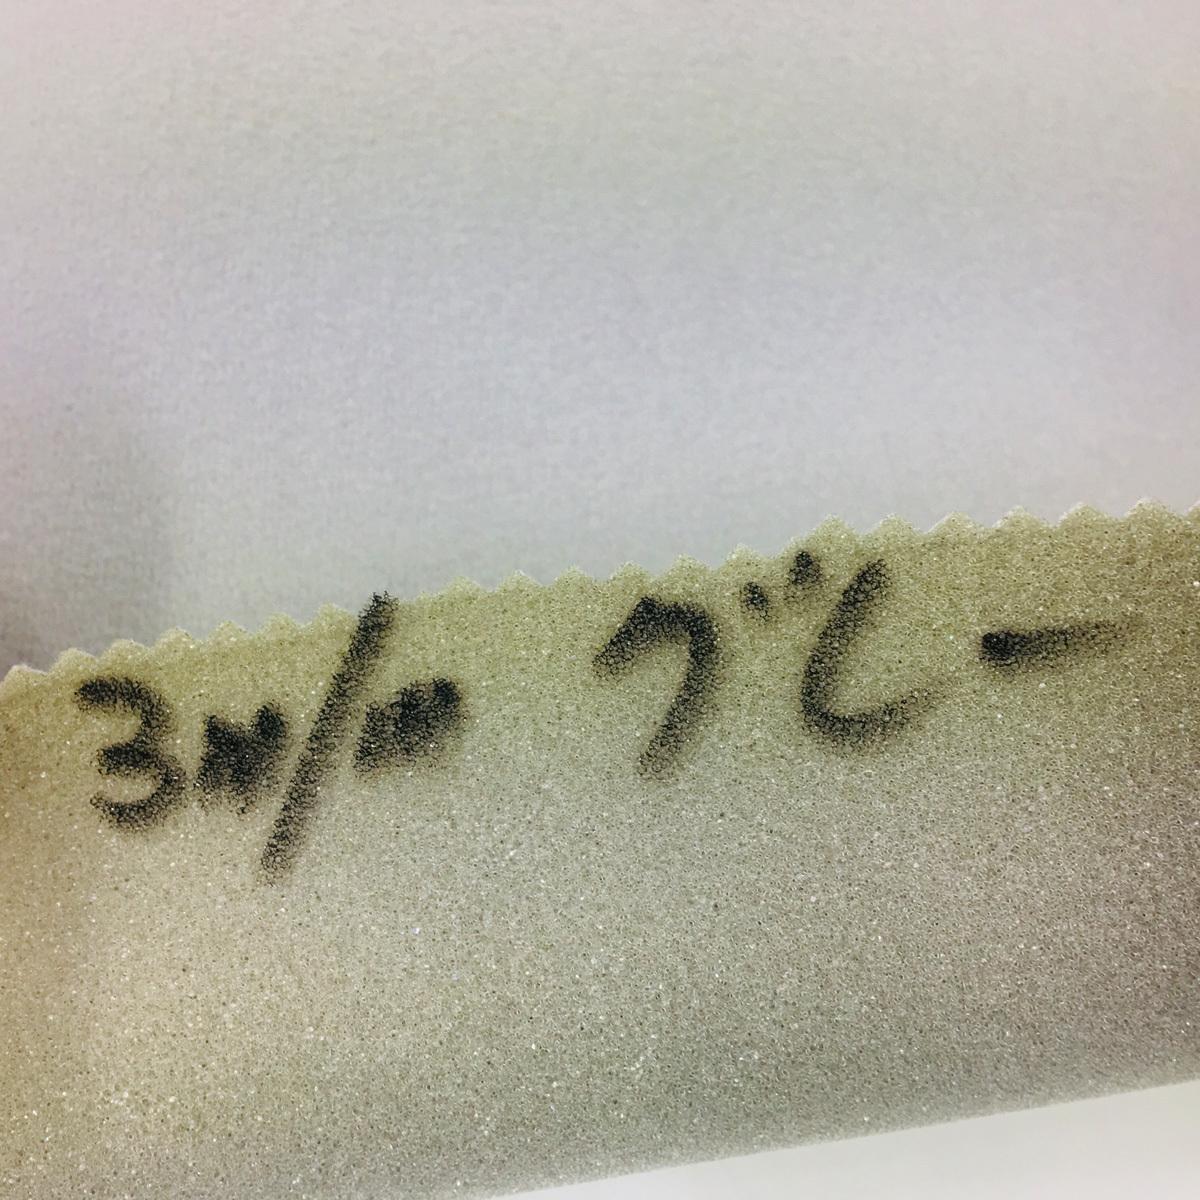 【CI】難燃自動車天井貼用ウレタンフォーム 【 グレー 】【厚み3mm】【巾150cm】天井たれ/天井落ち/内張り張替え/たるみ/ルーフライニング_画像4